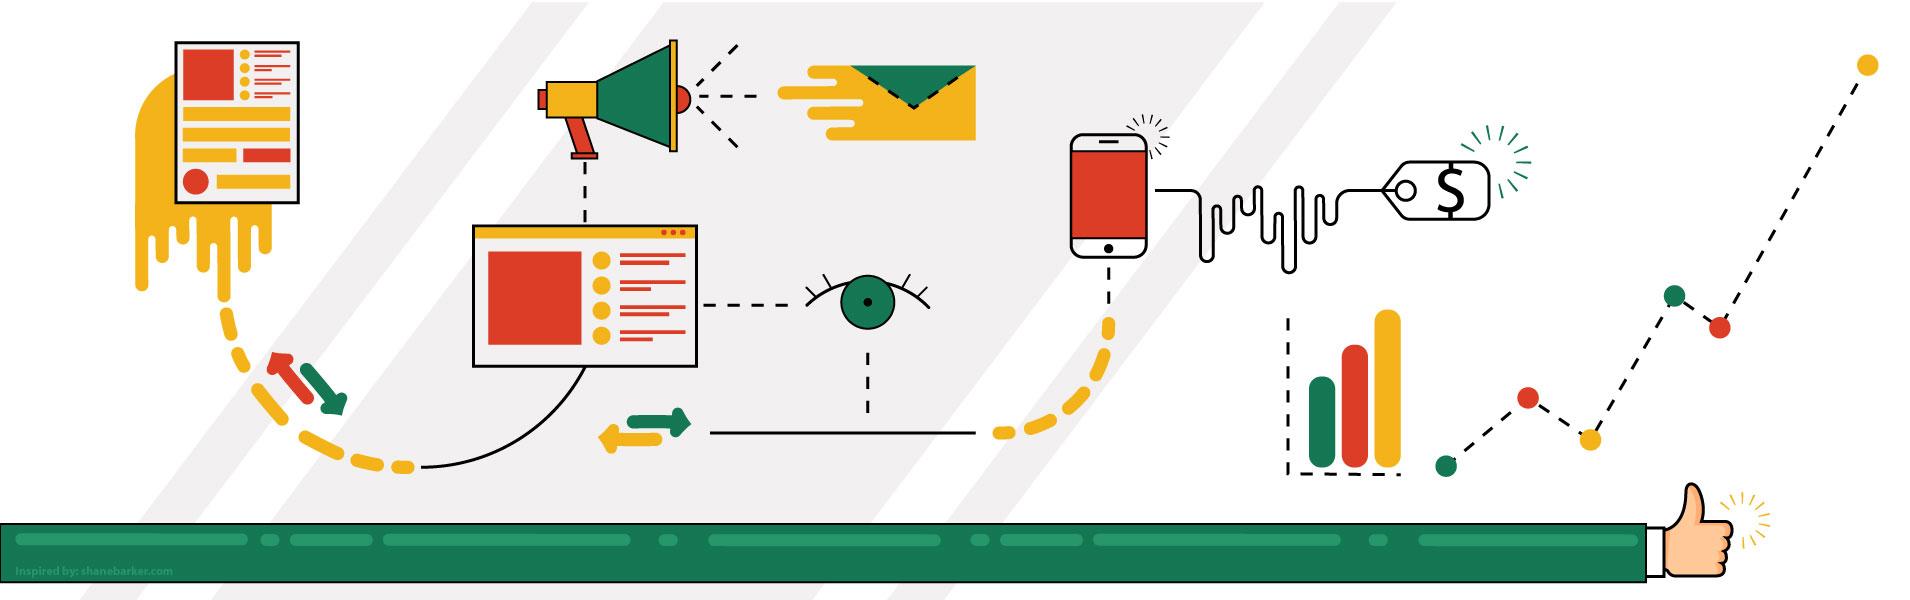 Omnichannel-Marketing-Illustration-v1